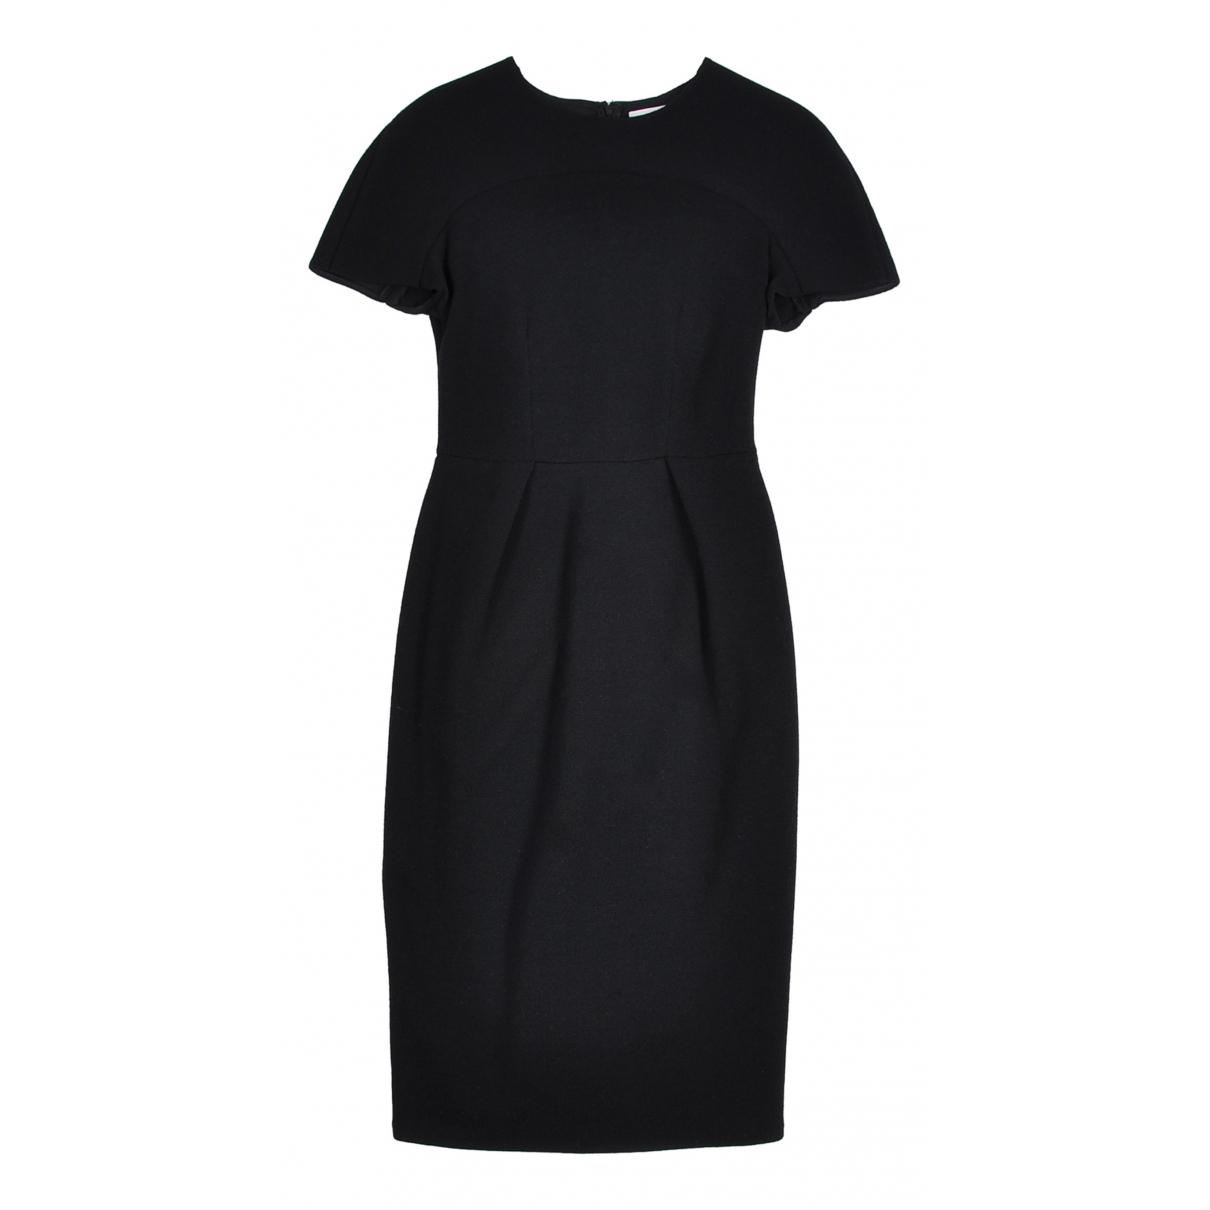 Ports 1961 \N Kleid in  Schwarz Wolle